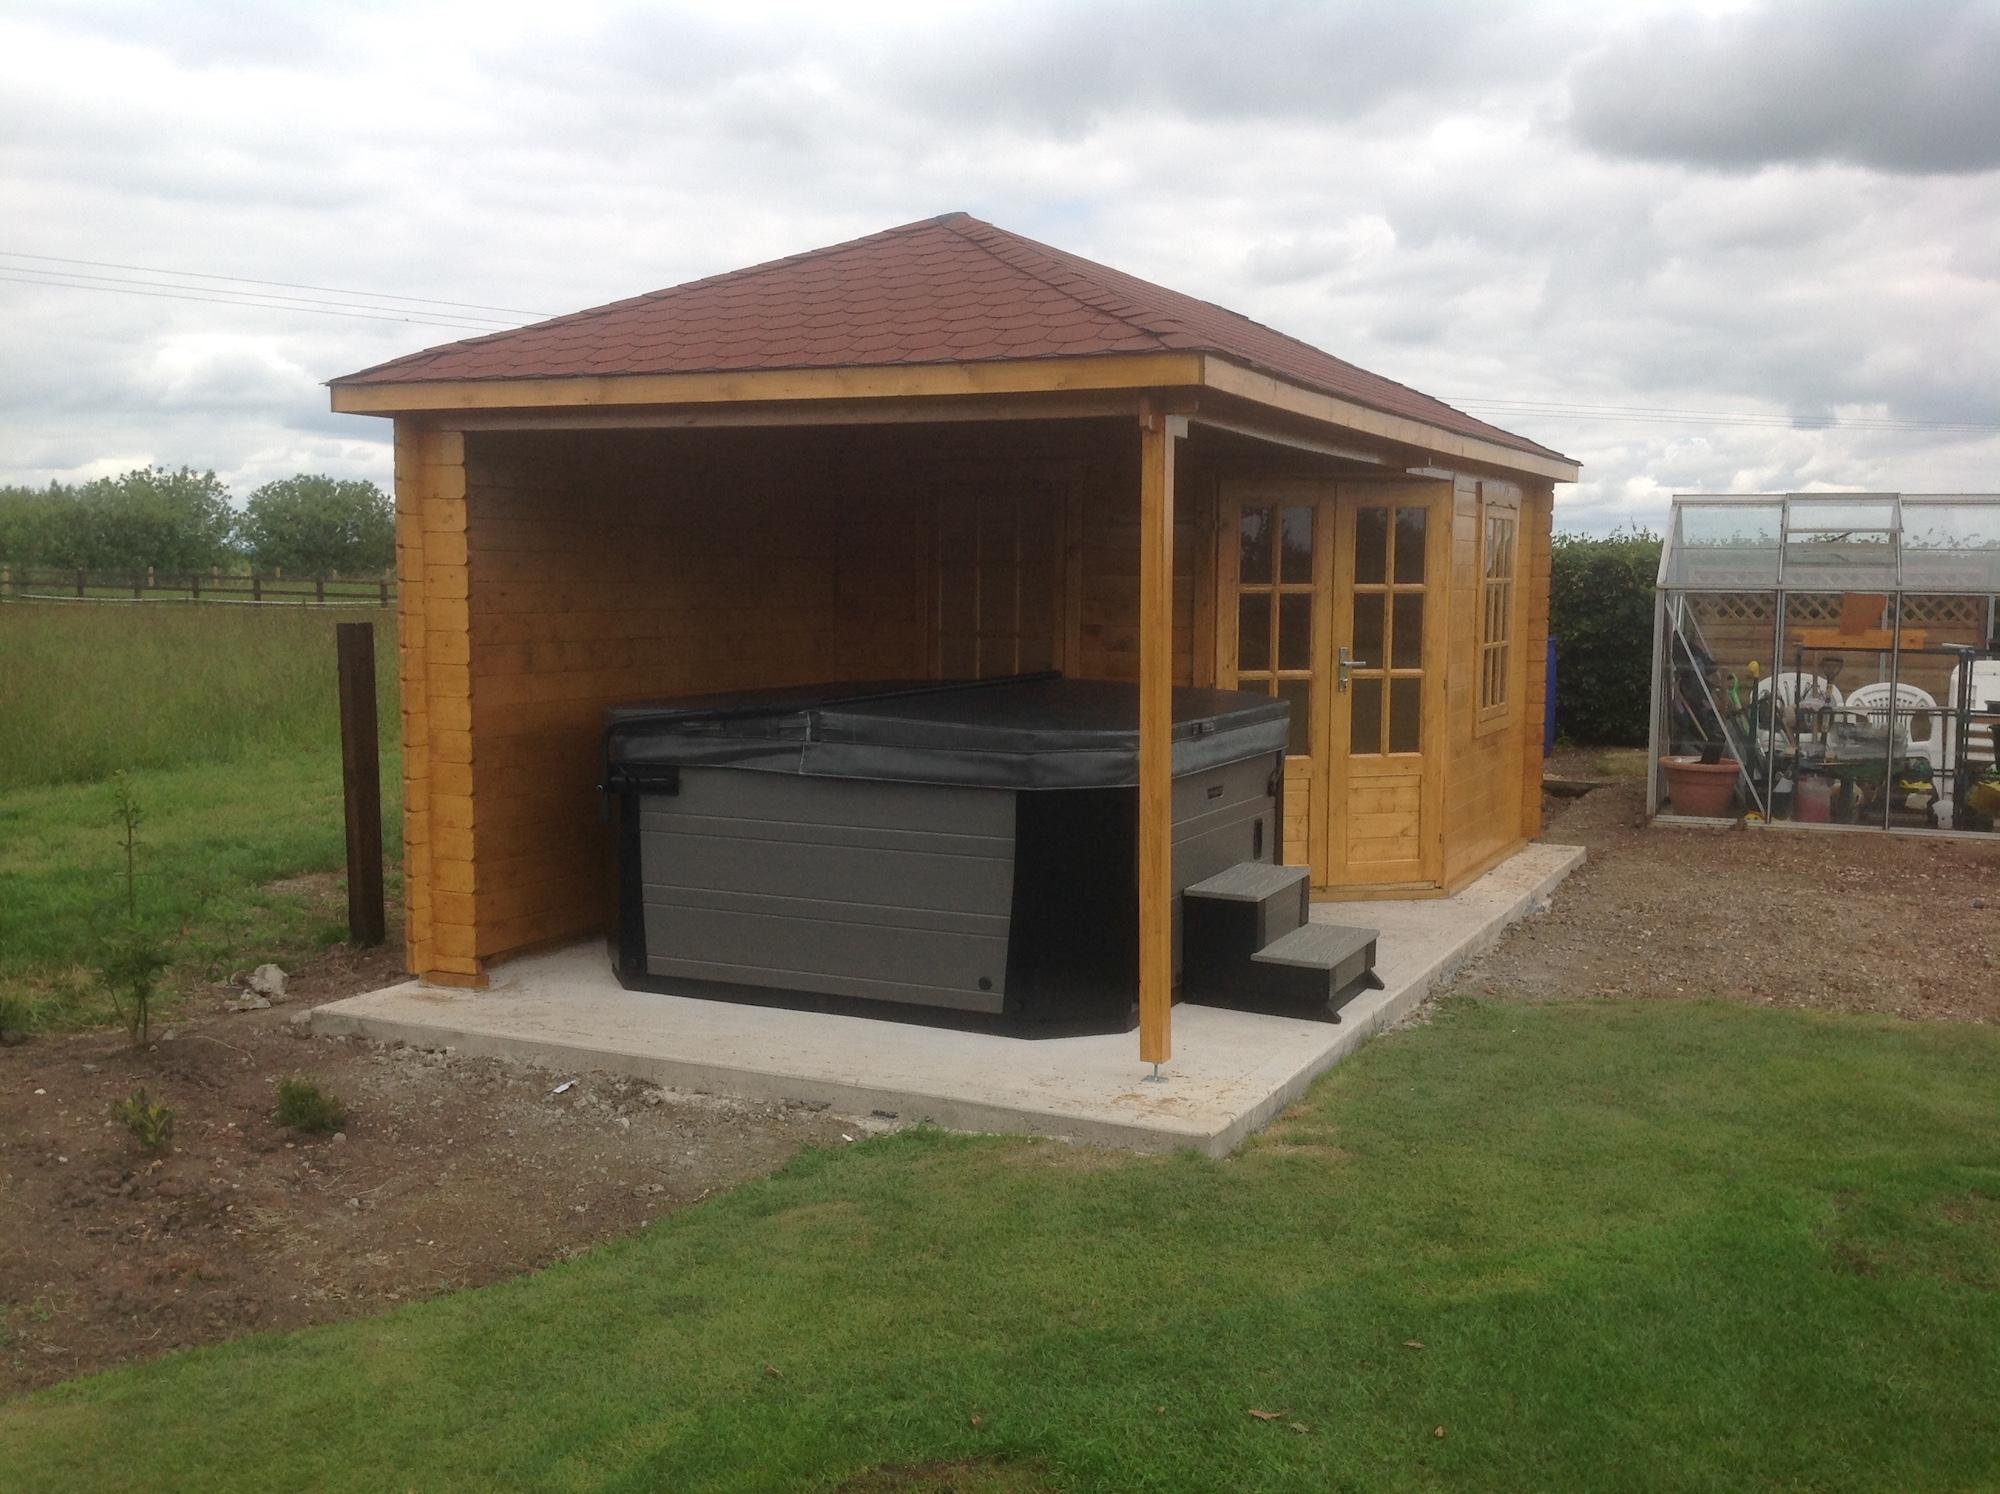 markku corner log cabin. Black Bedroom Furniture Sets. Home Design Ideas